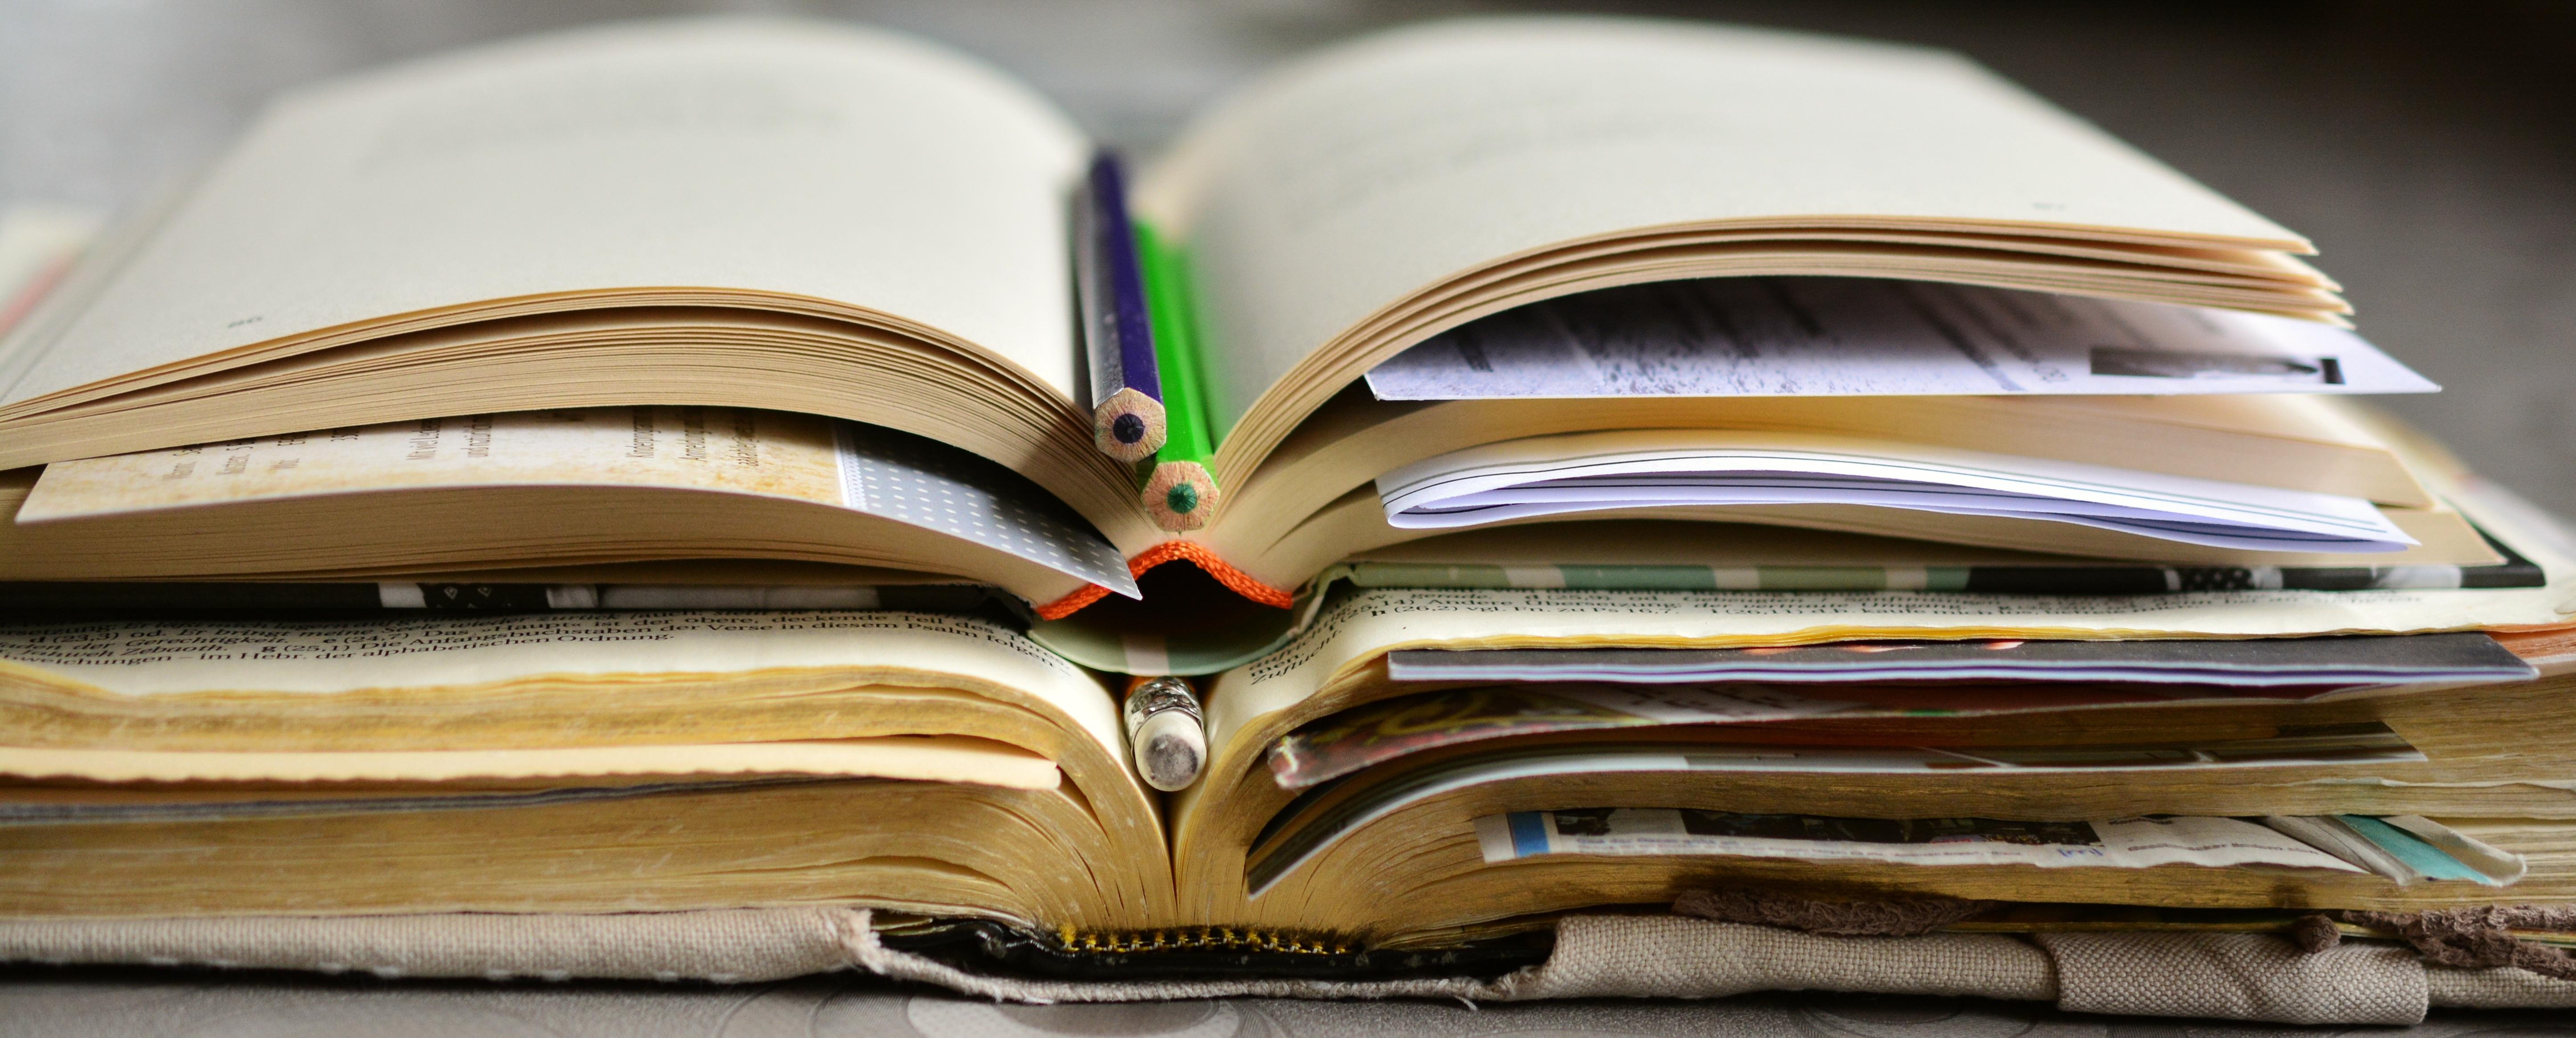 Assez Images Gratuites : l'écriture, lis, empiler, papier, Bible  YT42